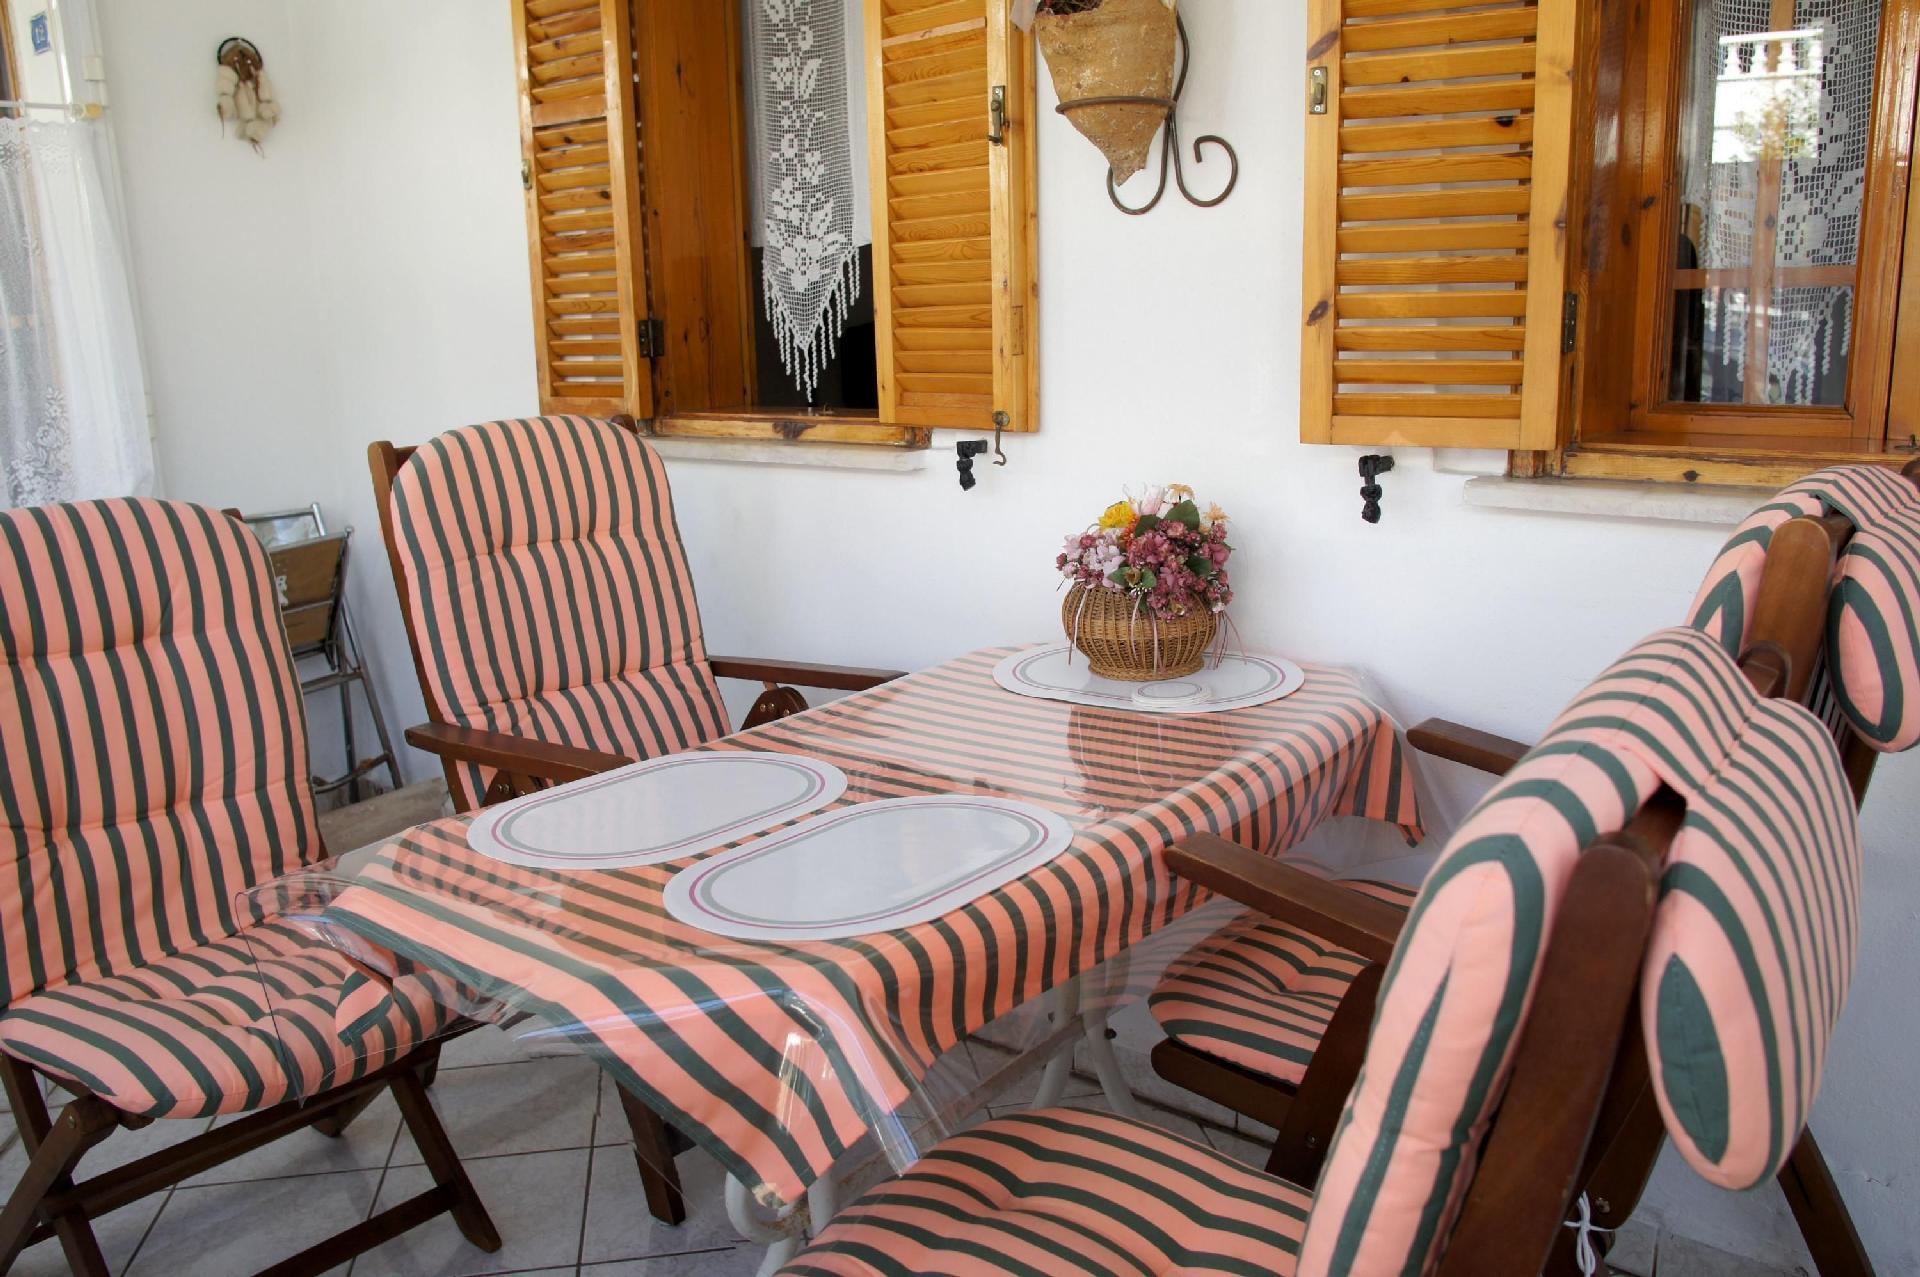 Ferienhaus für 4 Personen ca. 125 m² in   in Türkei